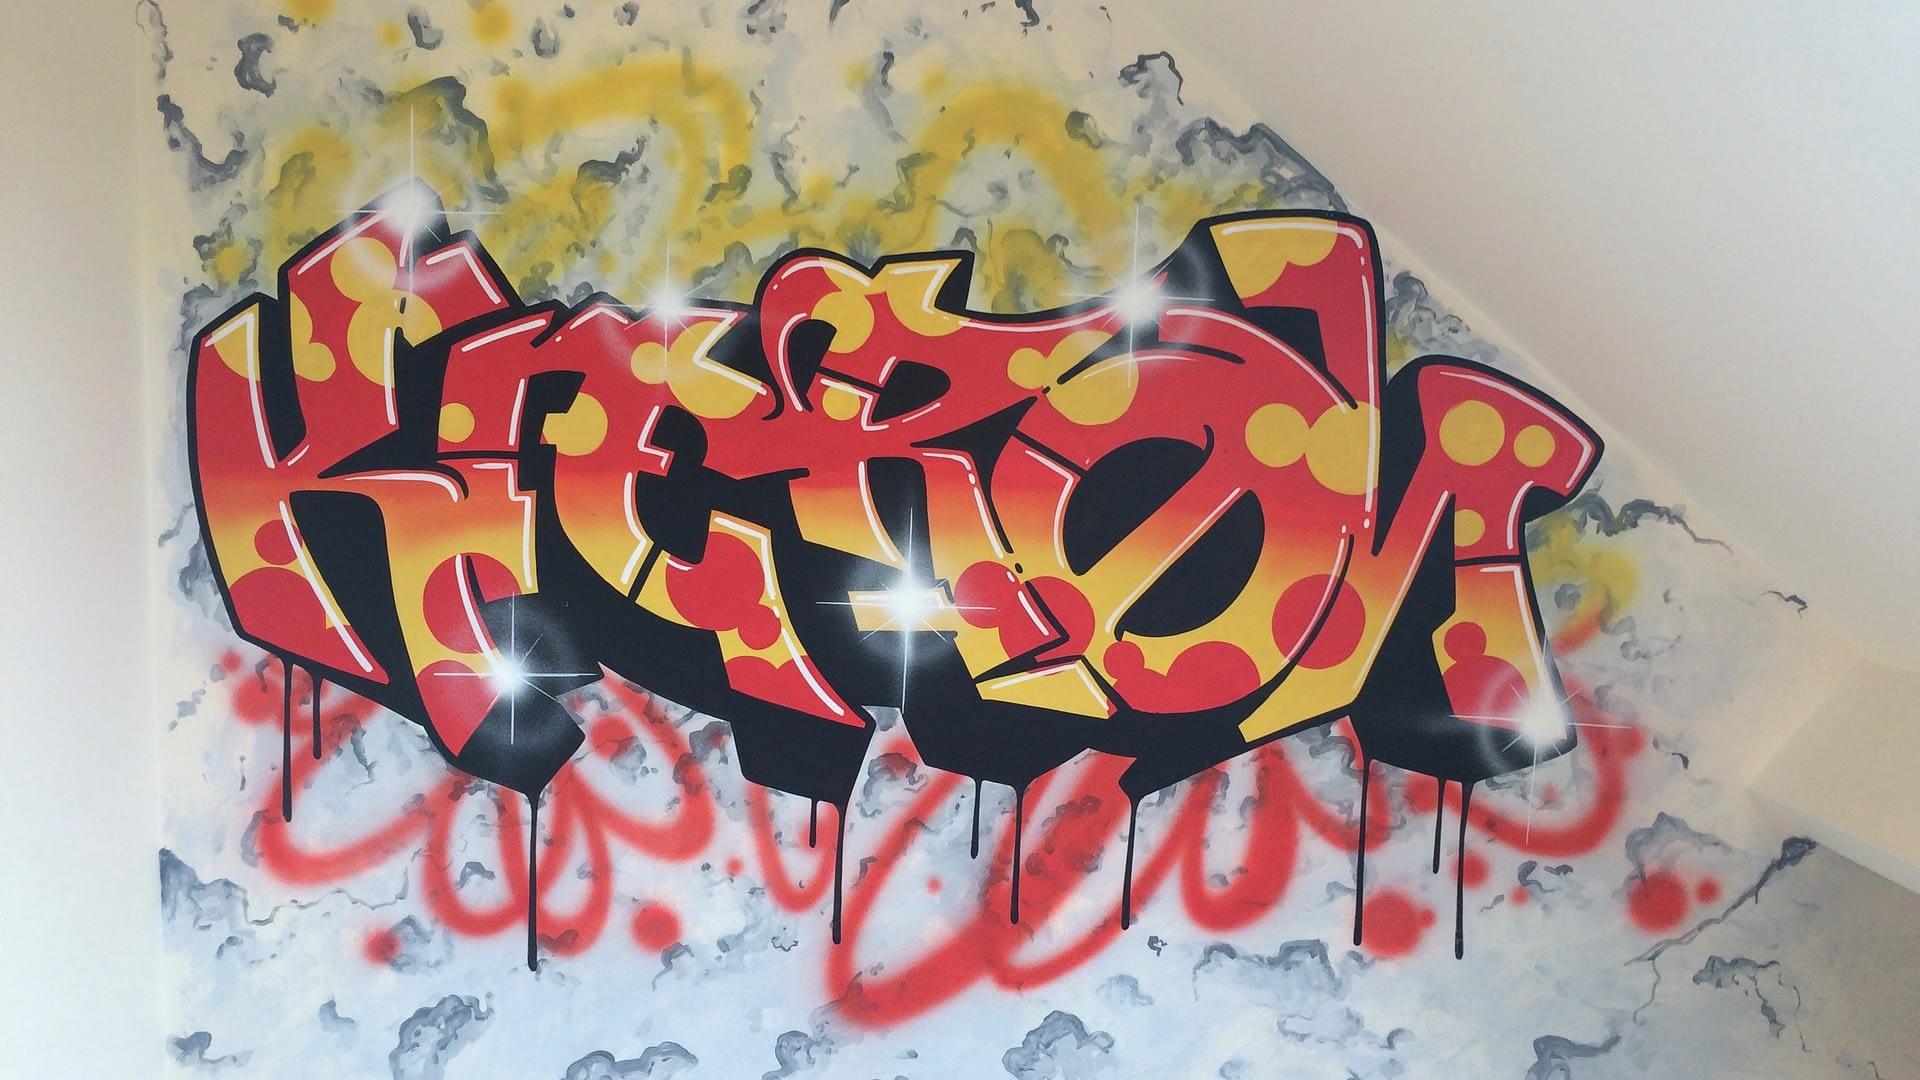 Kieron Graffiti